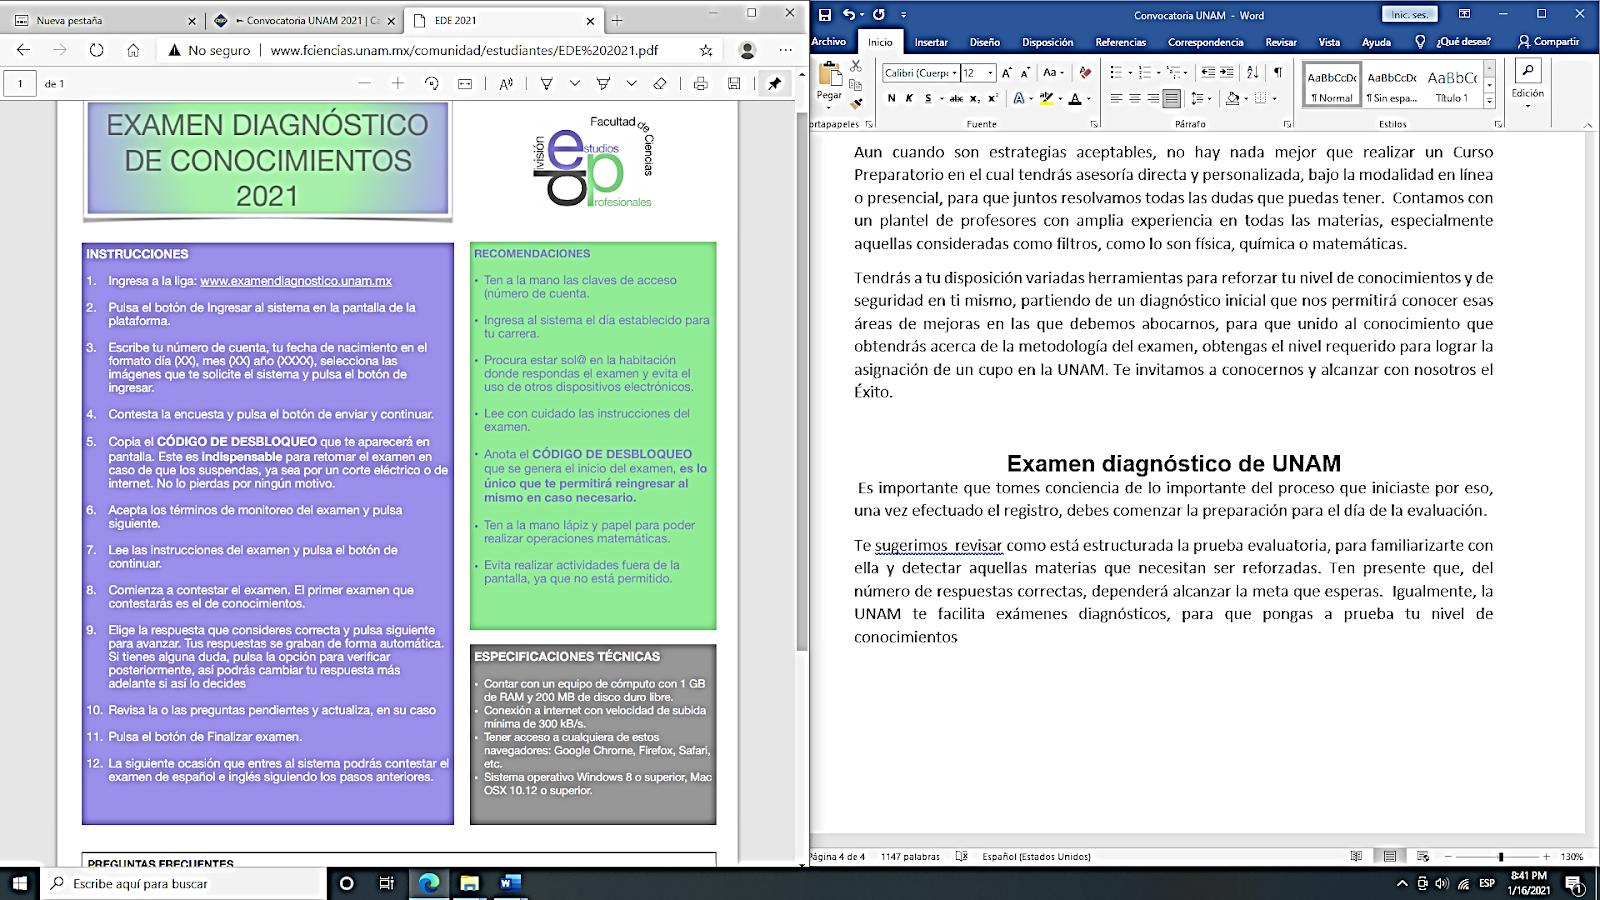 Fechas y registro en la convocatoria UNAM 2